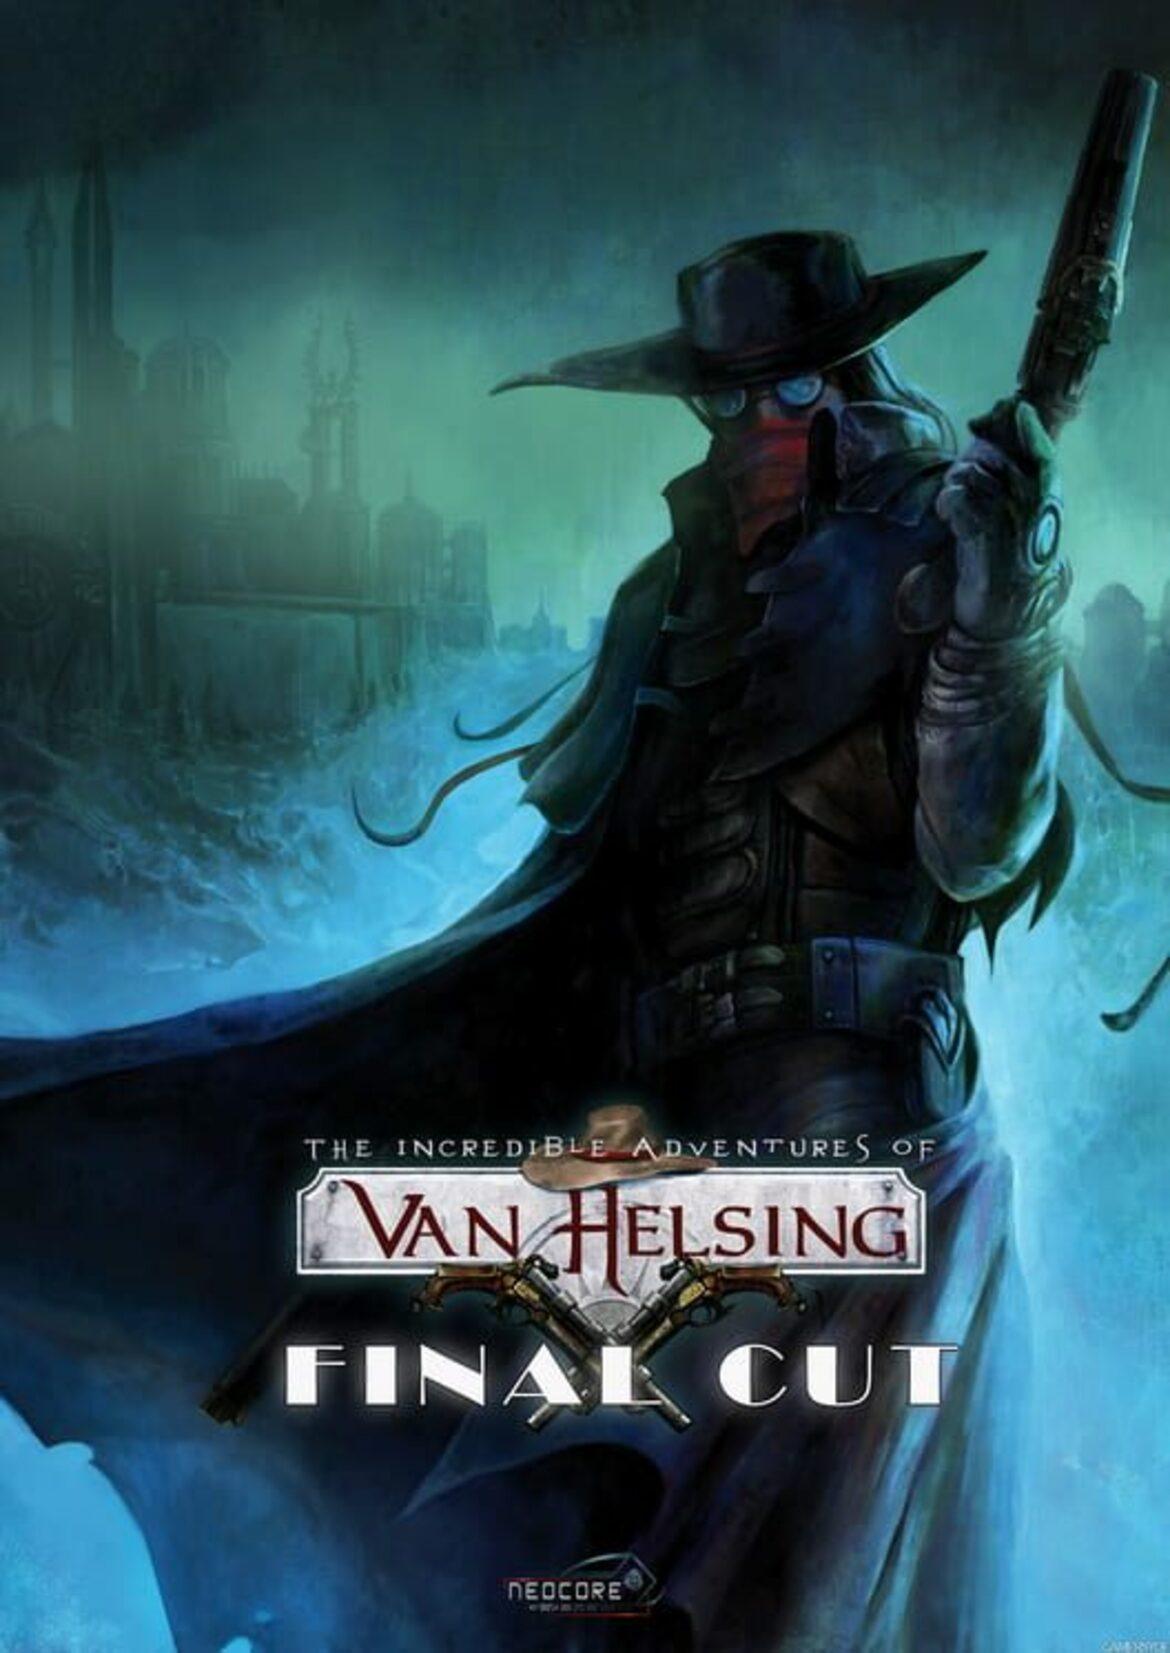 Adventures Of Van Helsing Final Cut the incredible adventures of van helsing: final cut steam key global